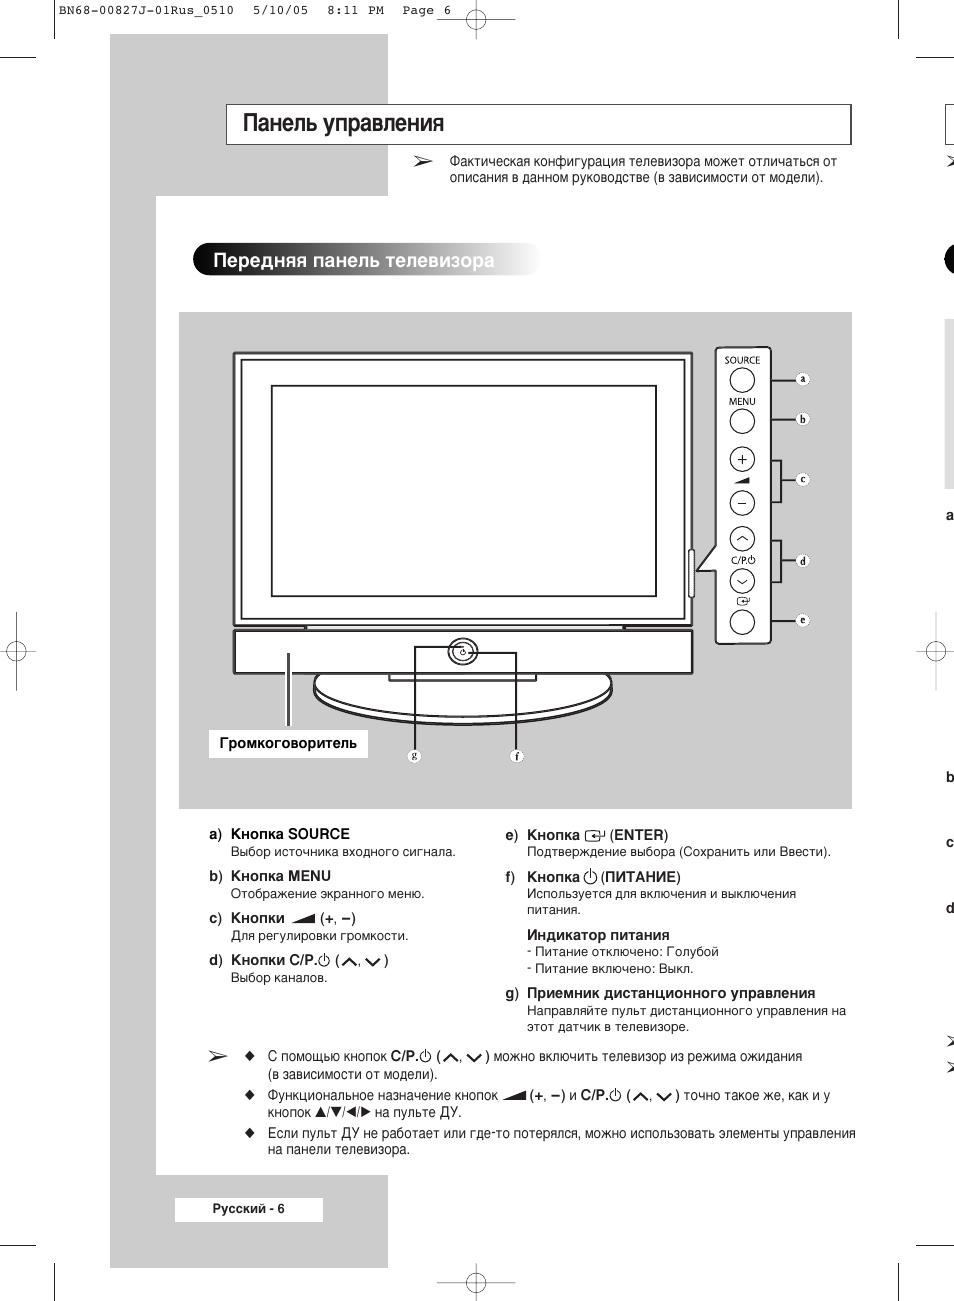 инструкция по эксплуатации телевизоров самсунг